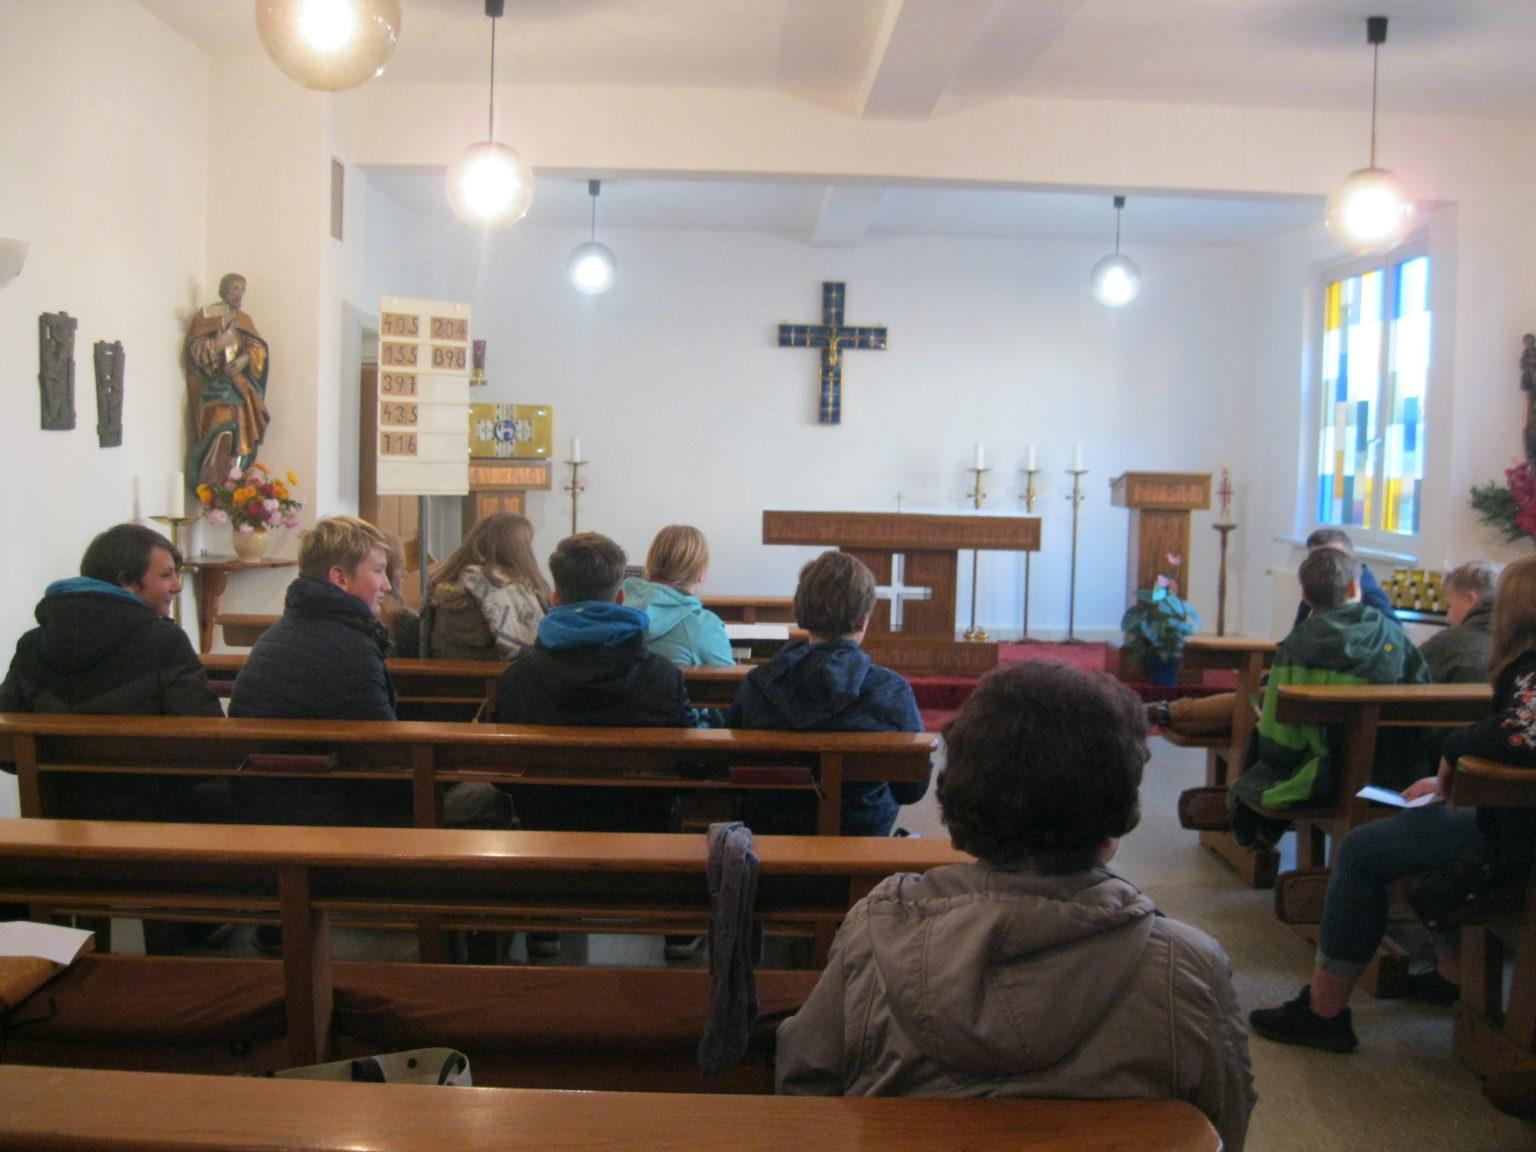 Besuch der katholischen Kirche (Kapelle) Maria Magdalena in Grbaow